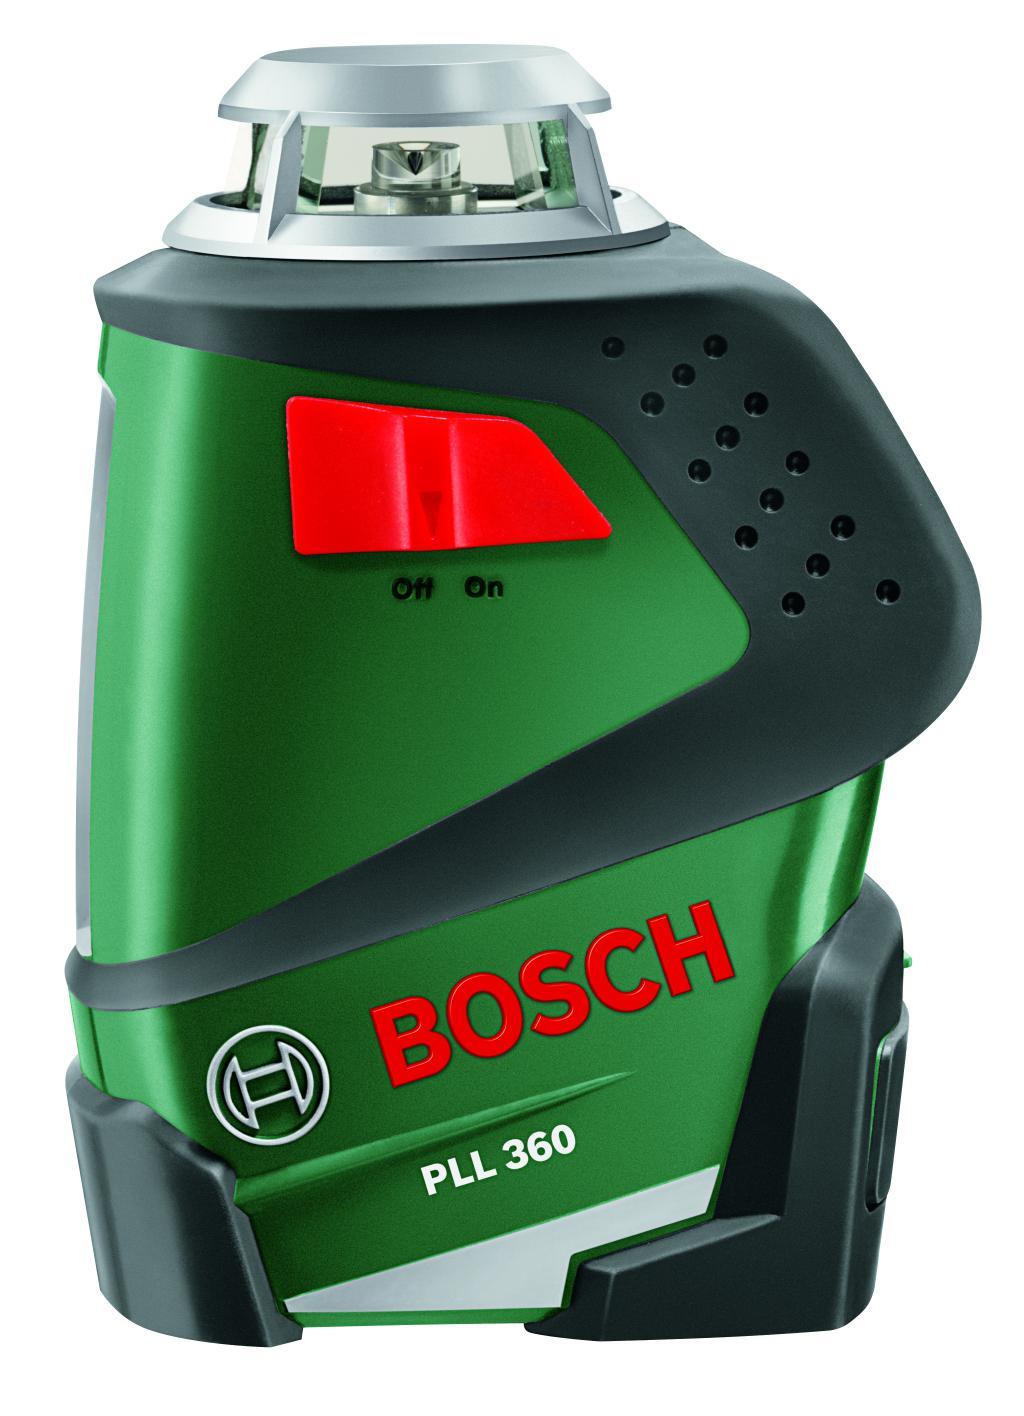 bosch présente ses nouveaux lasers lignes grand public - zone outillage